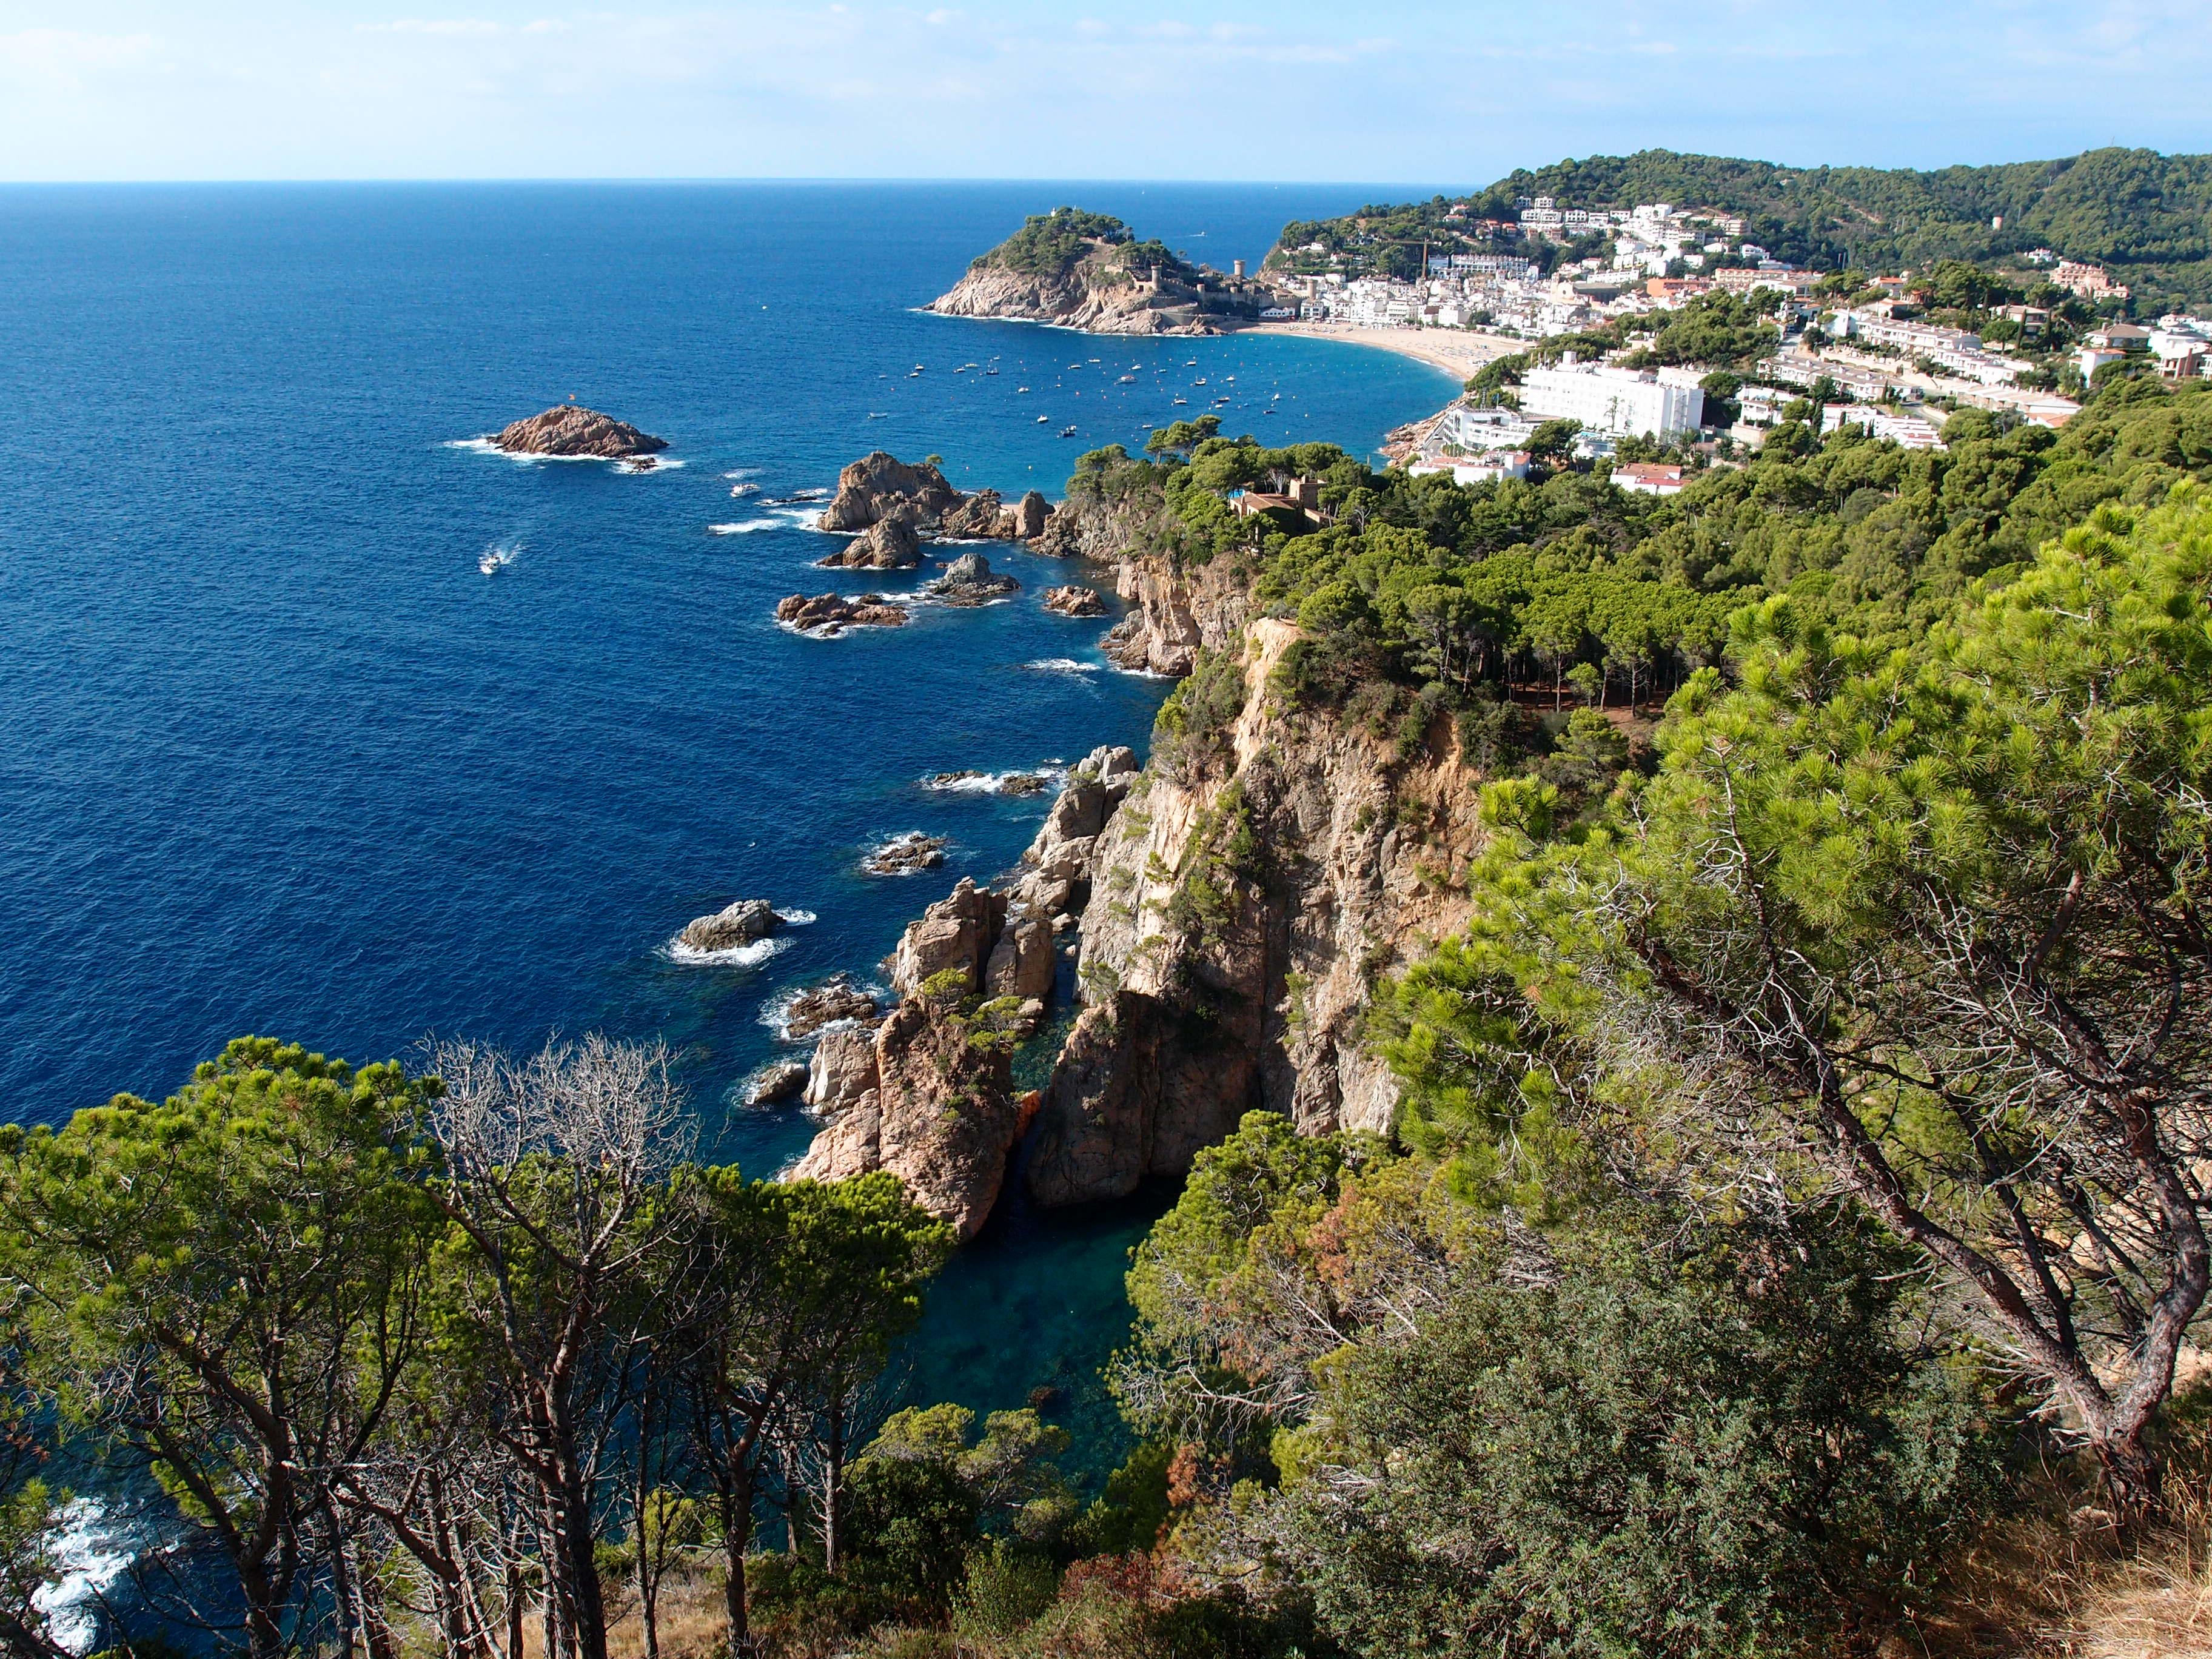 Karte Costa Brava Spanien.Costa Brava Reisefuhrer Auf Wikivoyage